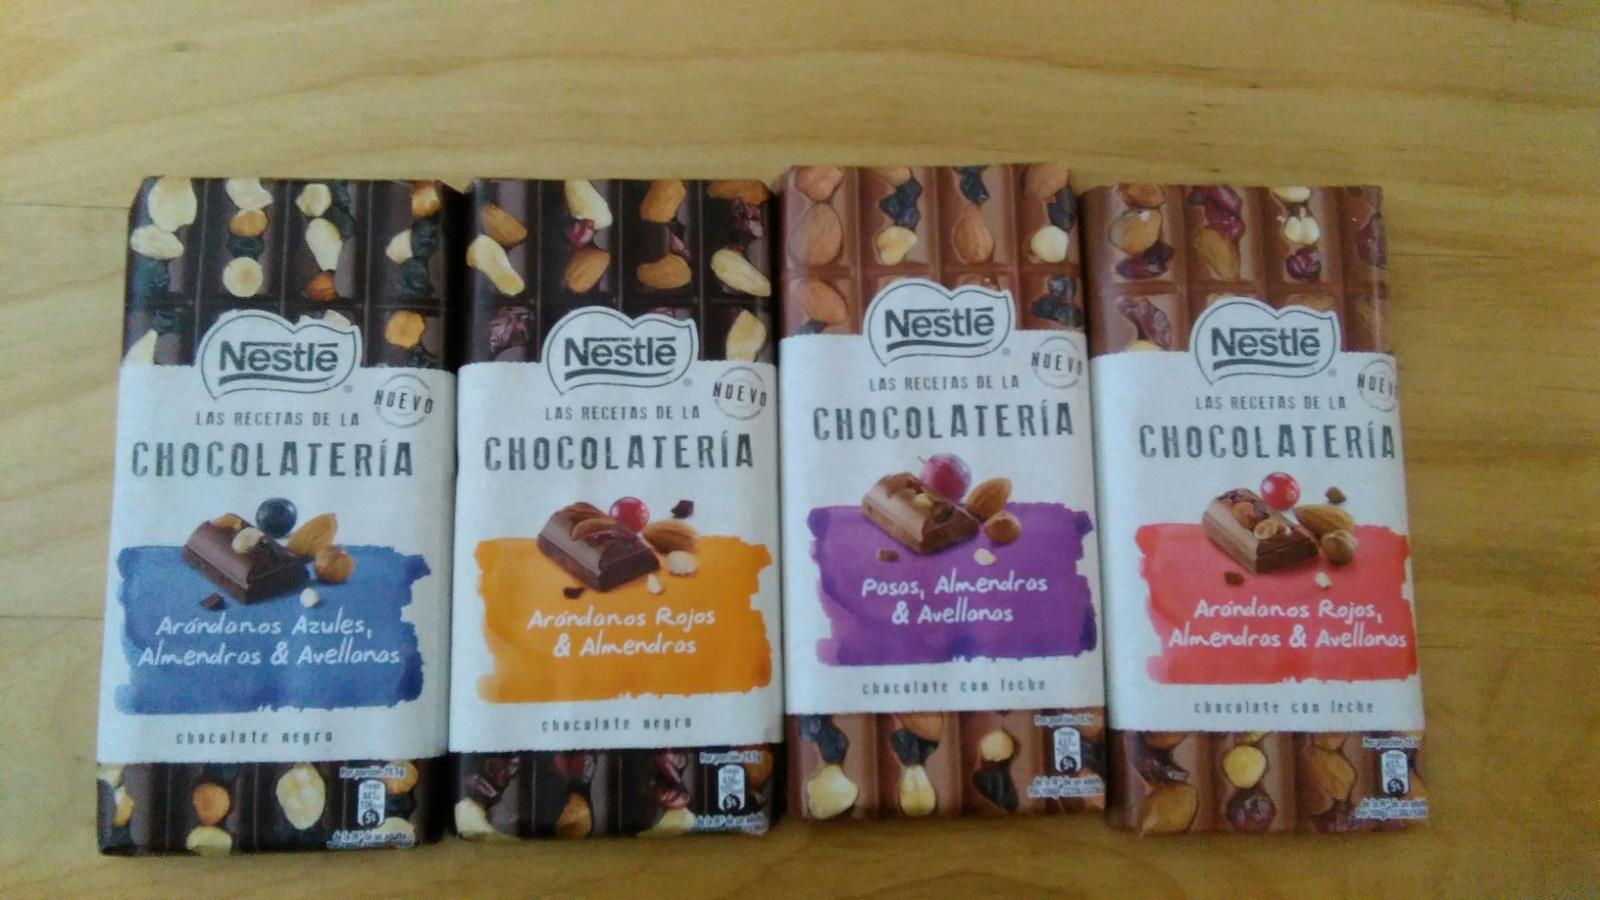 Prueba de Las Recetas de la Chocolatería de Nestlé